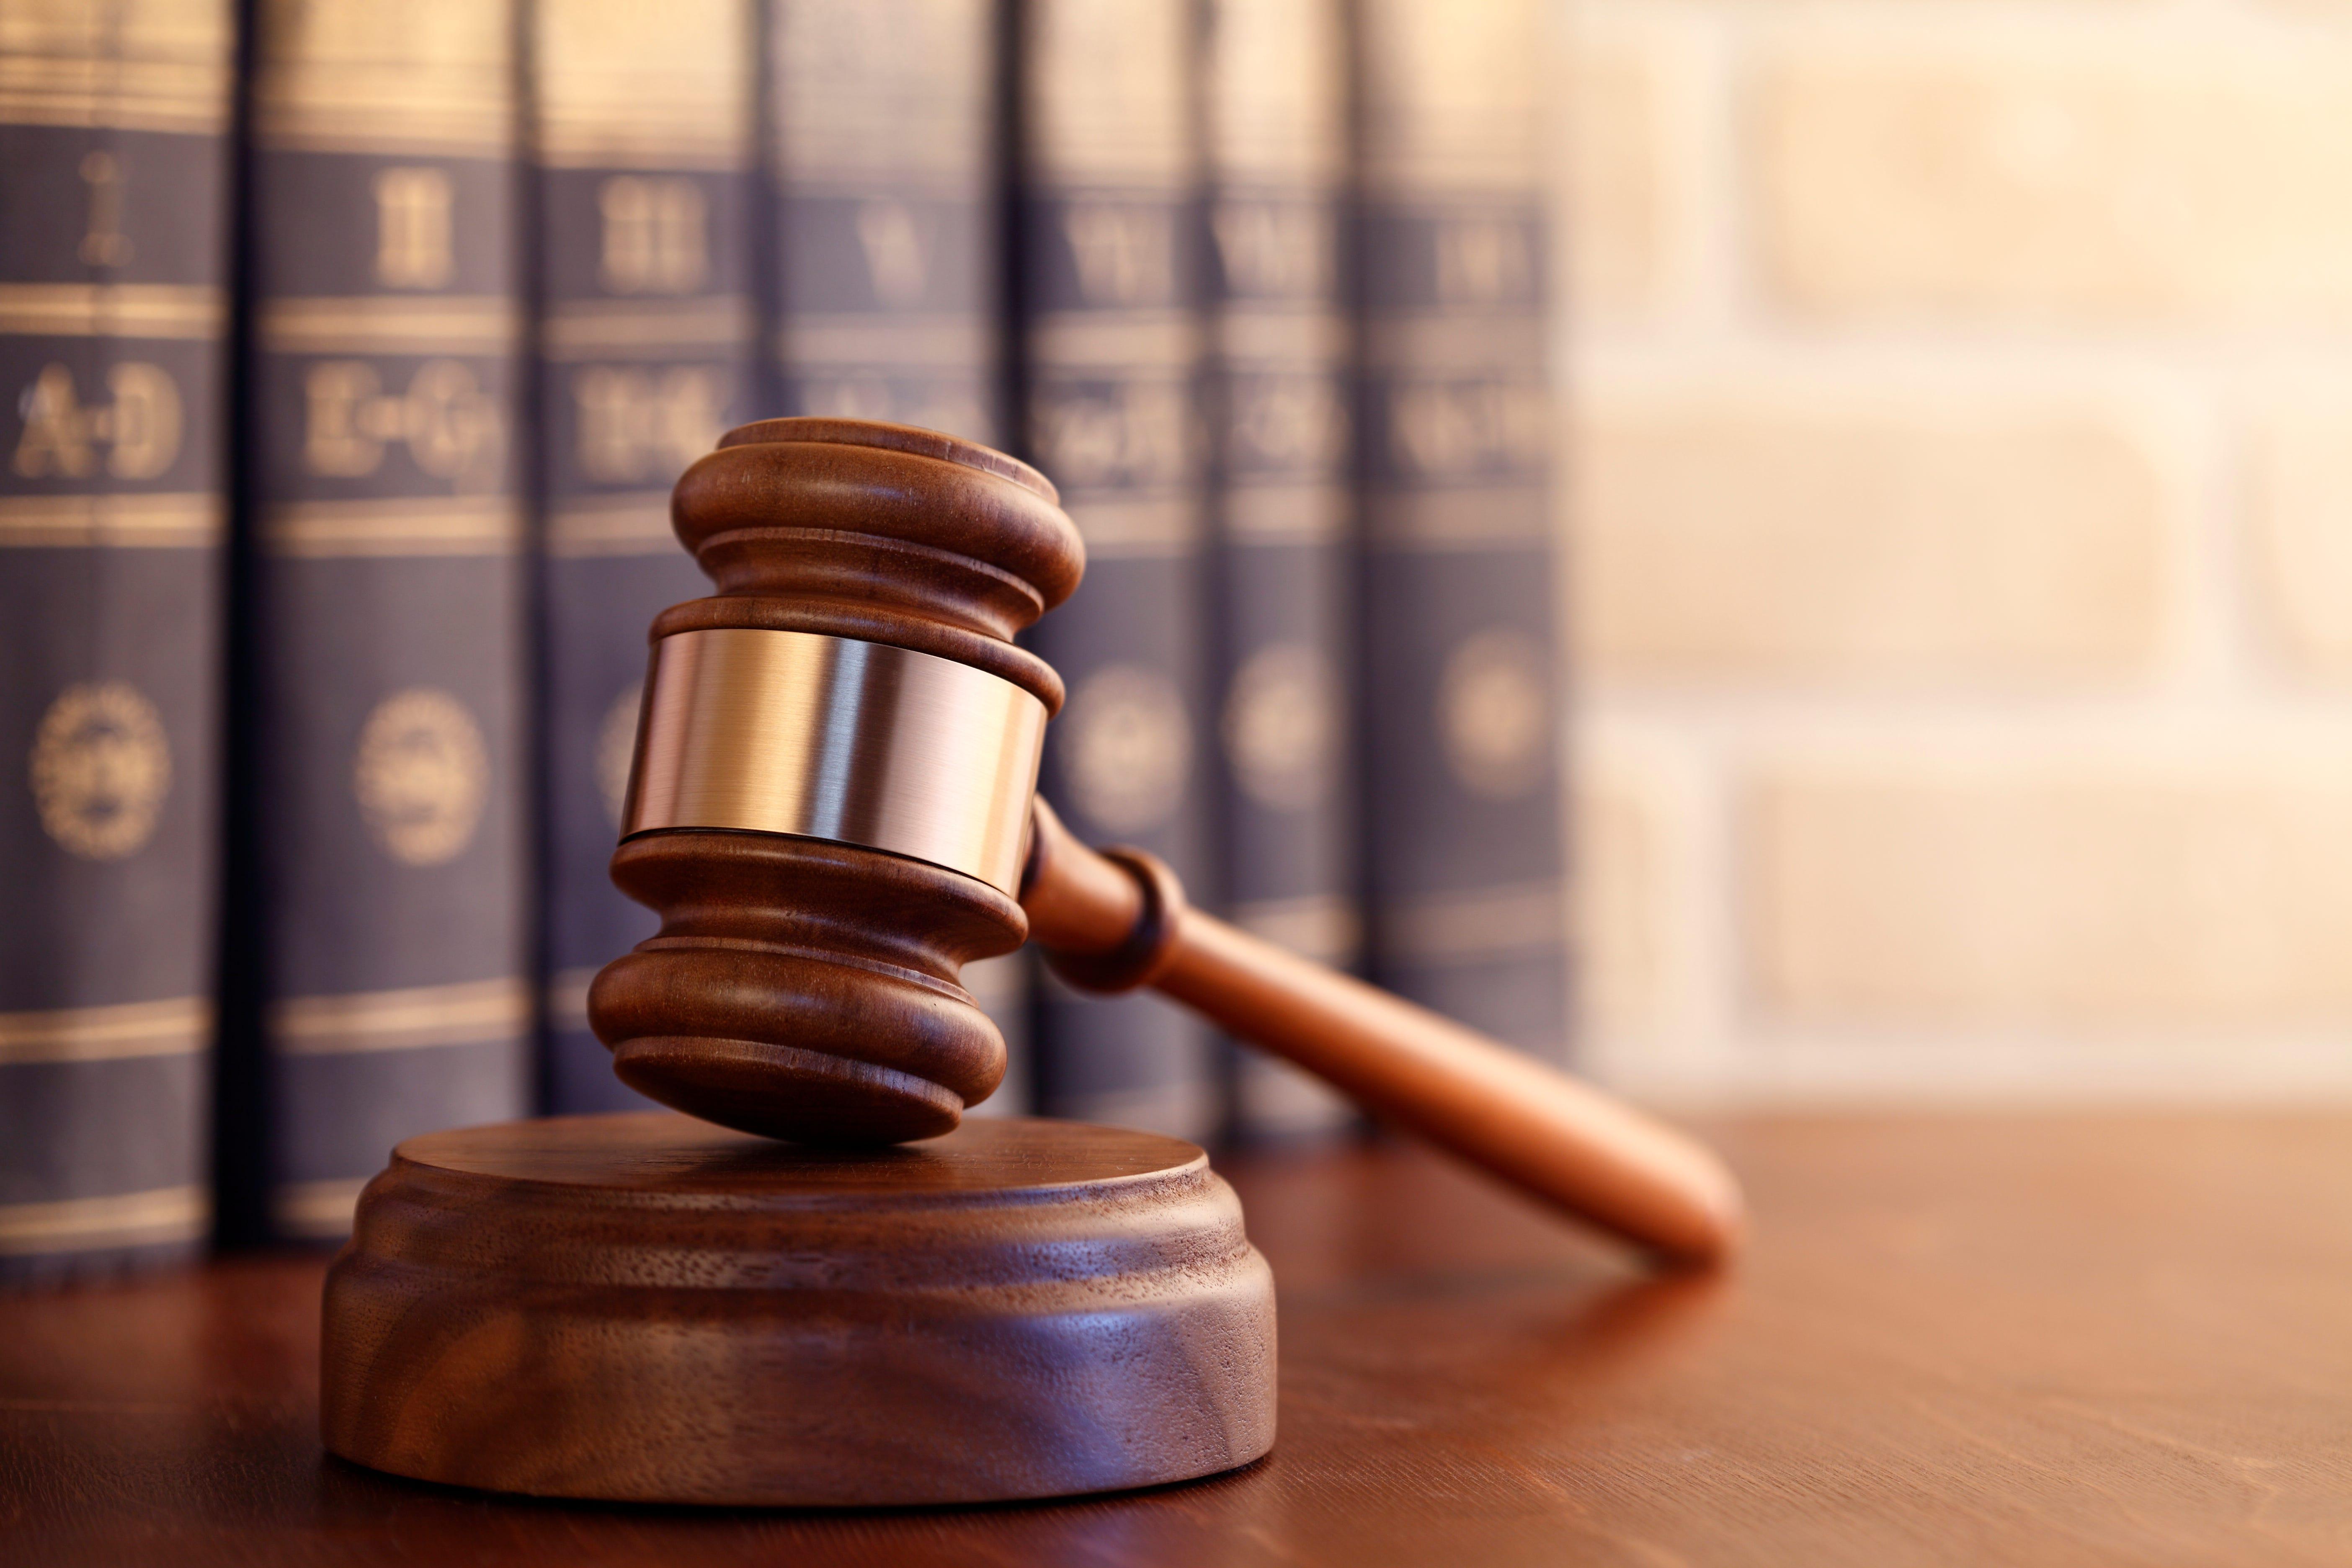 Kentucky courts courtnet – USA Breaking News